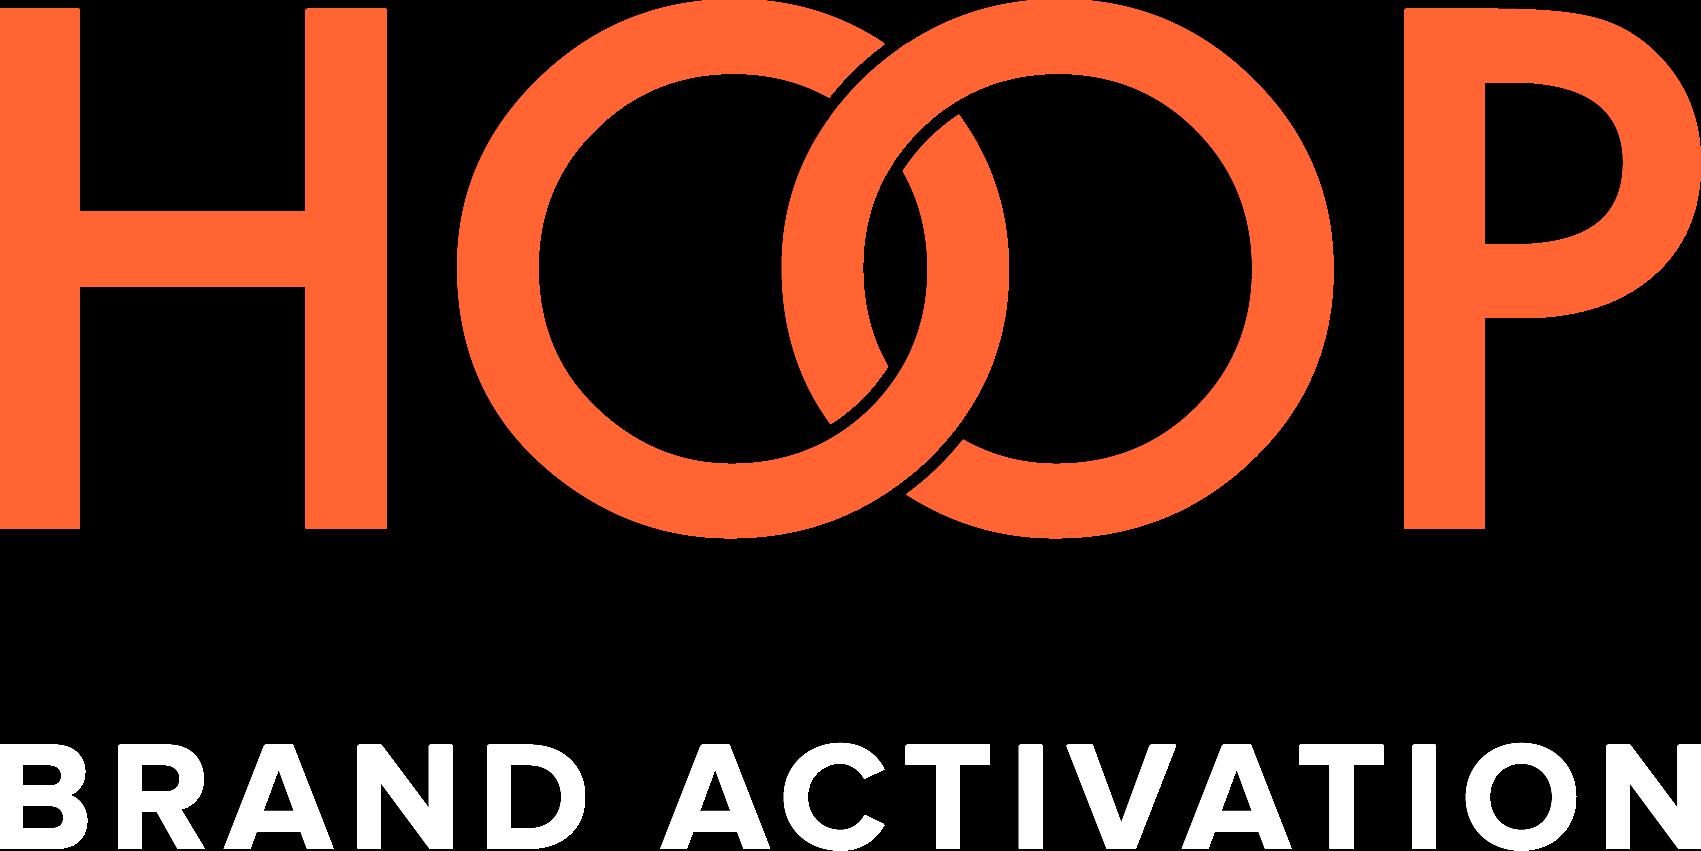 HOOP Brand Activation